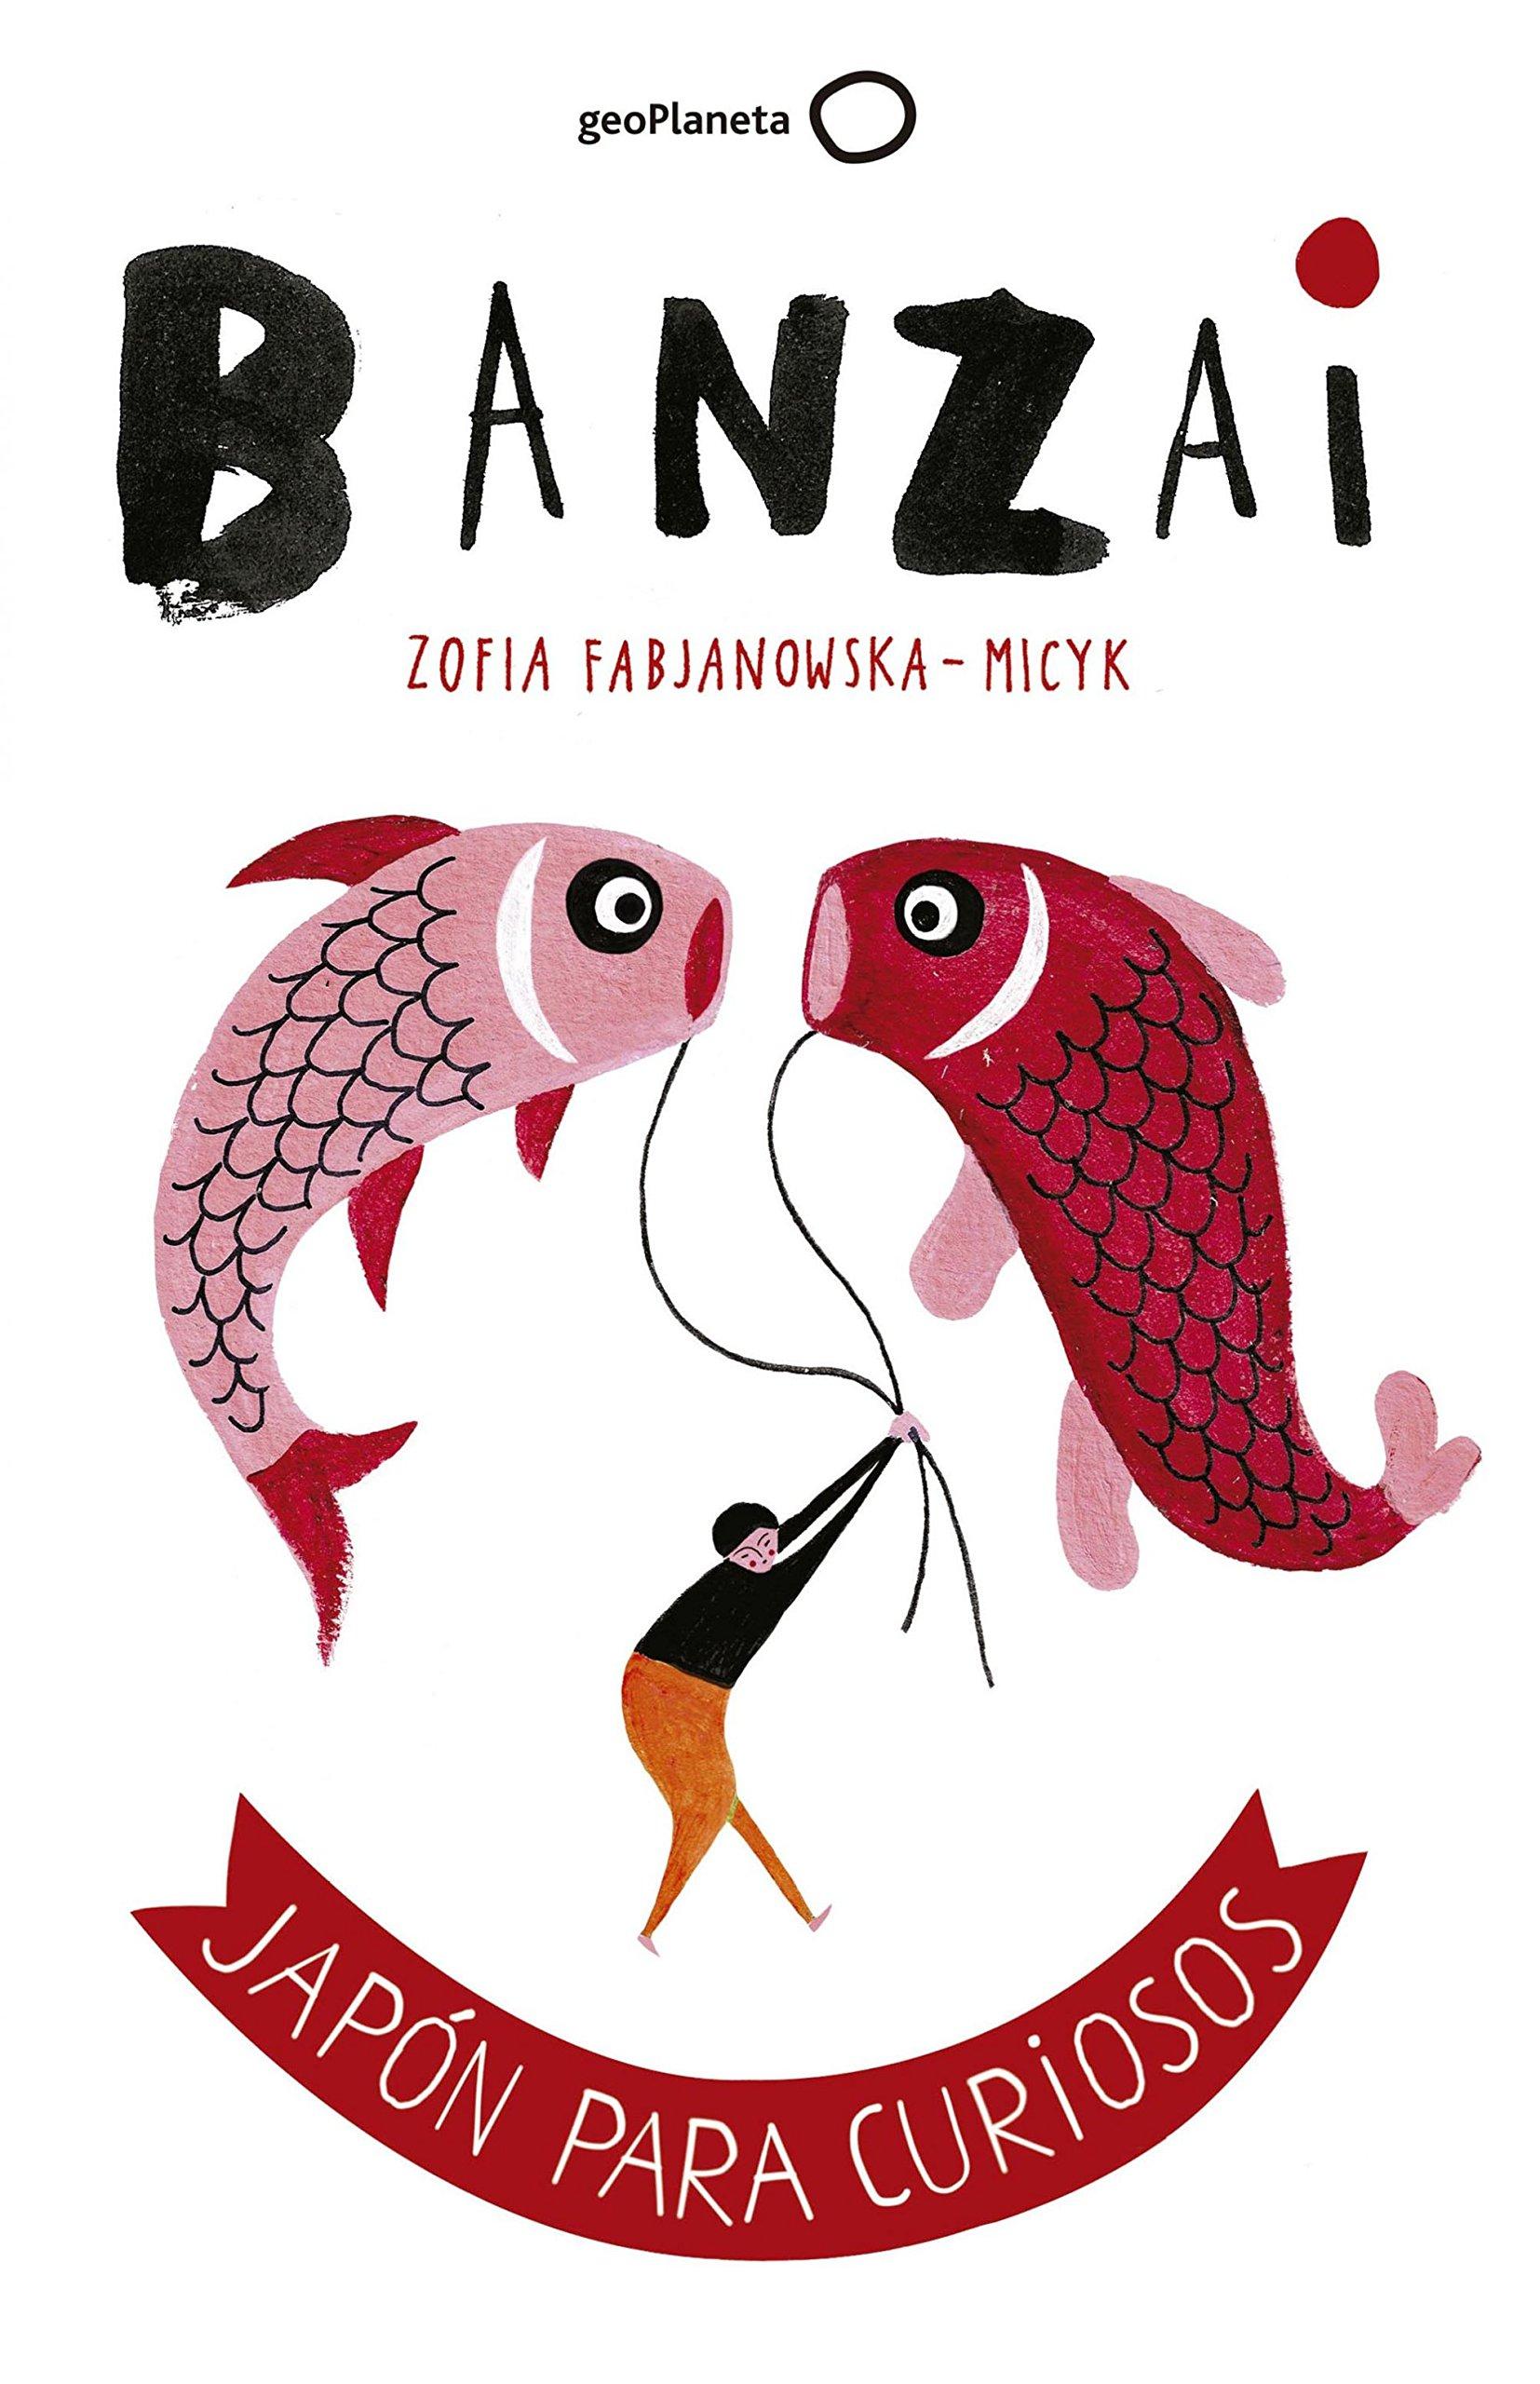 Banzai: Japón para curiosos (Ilustrados) Tapa dura – 4 abr 2017 Zofia Fabjanowska-Micyk Alfonso Cazenave Cantón GeoPlaneta 8408164856